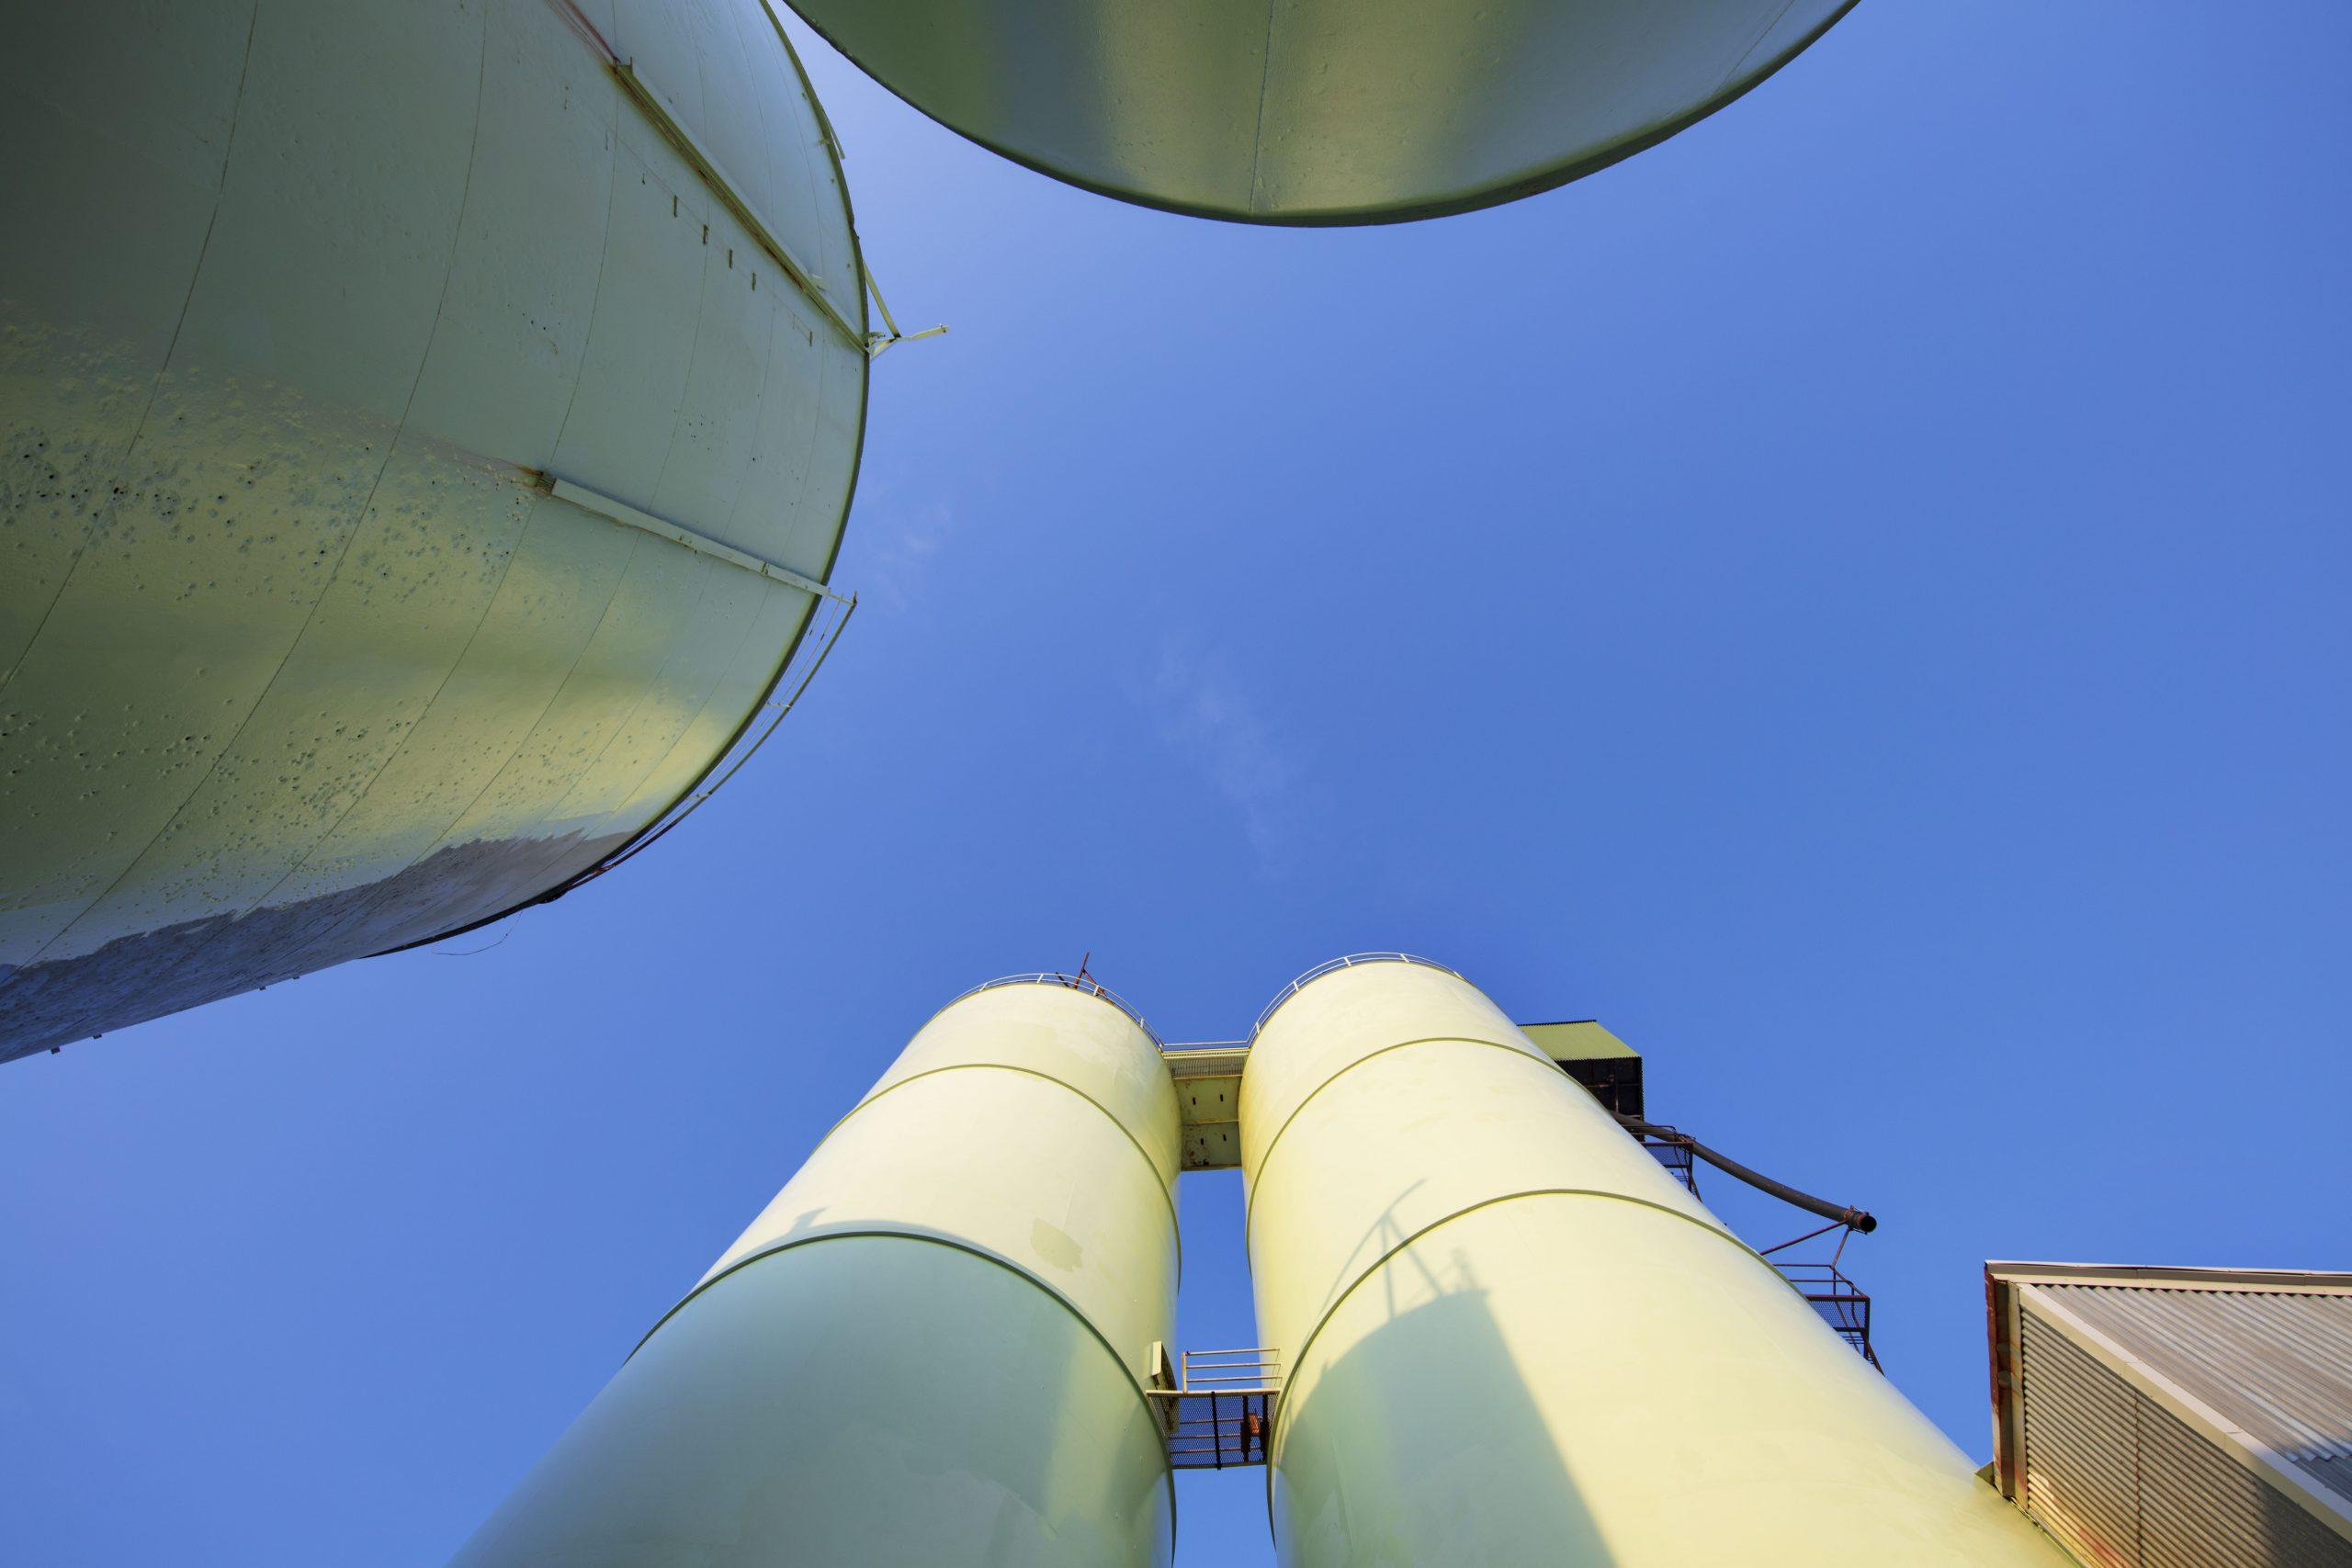 Bilde av syklontårnene og råstofftankene. Foto er tatt av Trond Isaksen